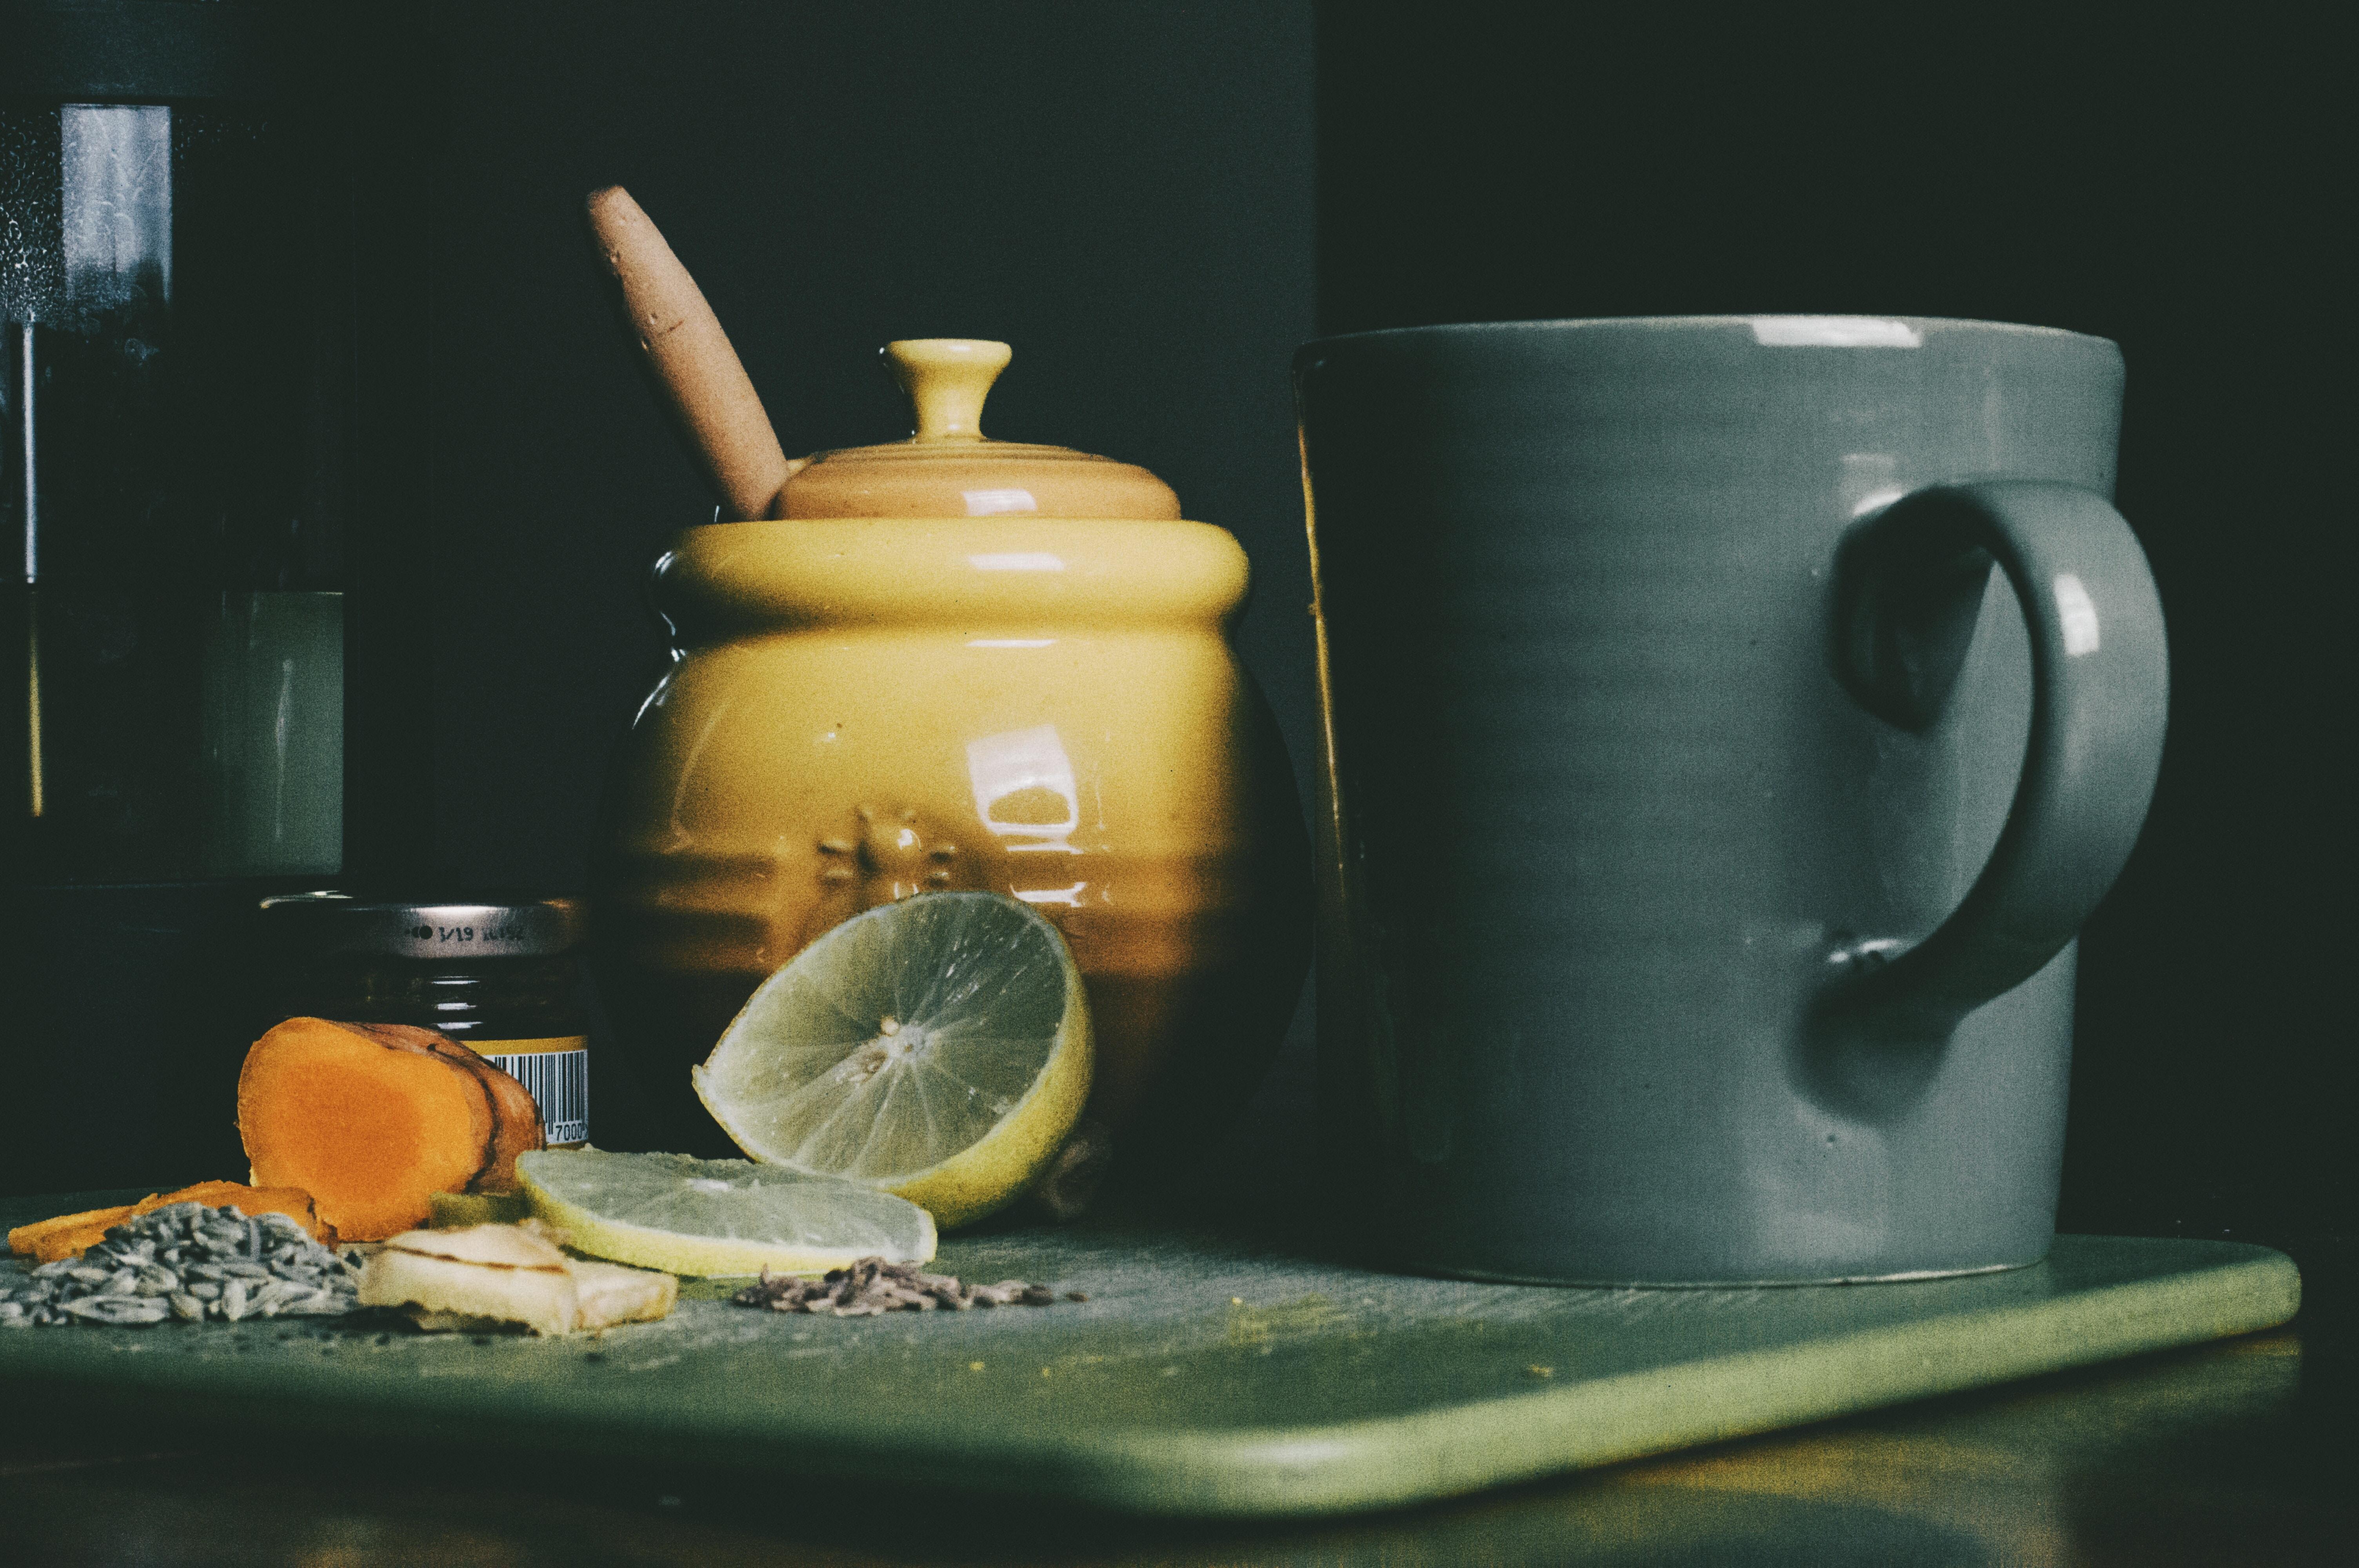 beige ceramic jar beside grey ceramic pitcher and sliced lemon fruit